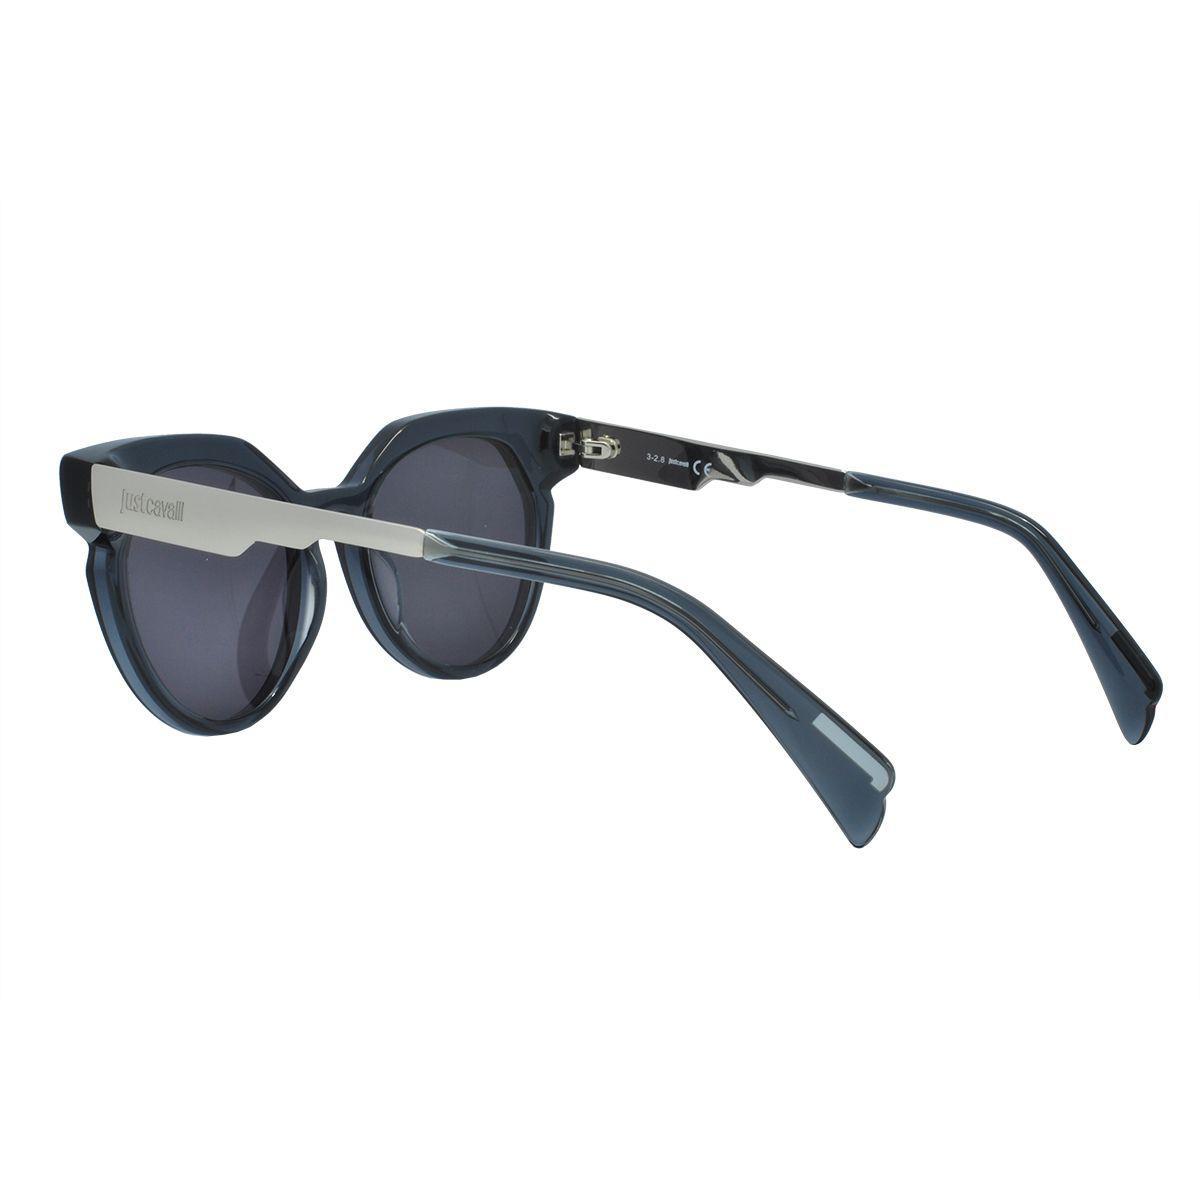 cc59e22159da0 Óculos de Sol Just Cavalli Feminino JC872S 20A - Acetato Preto R  686